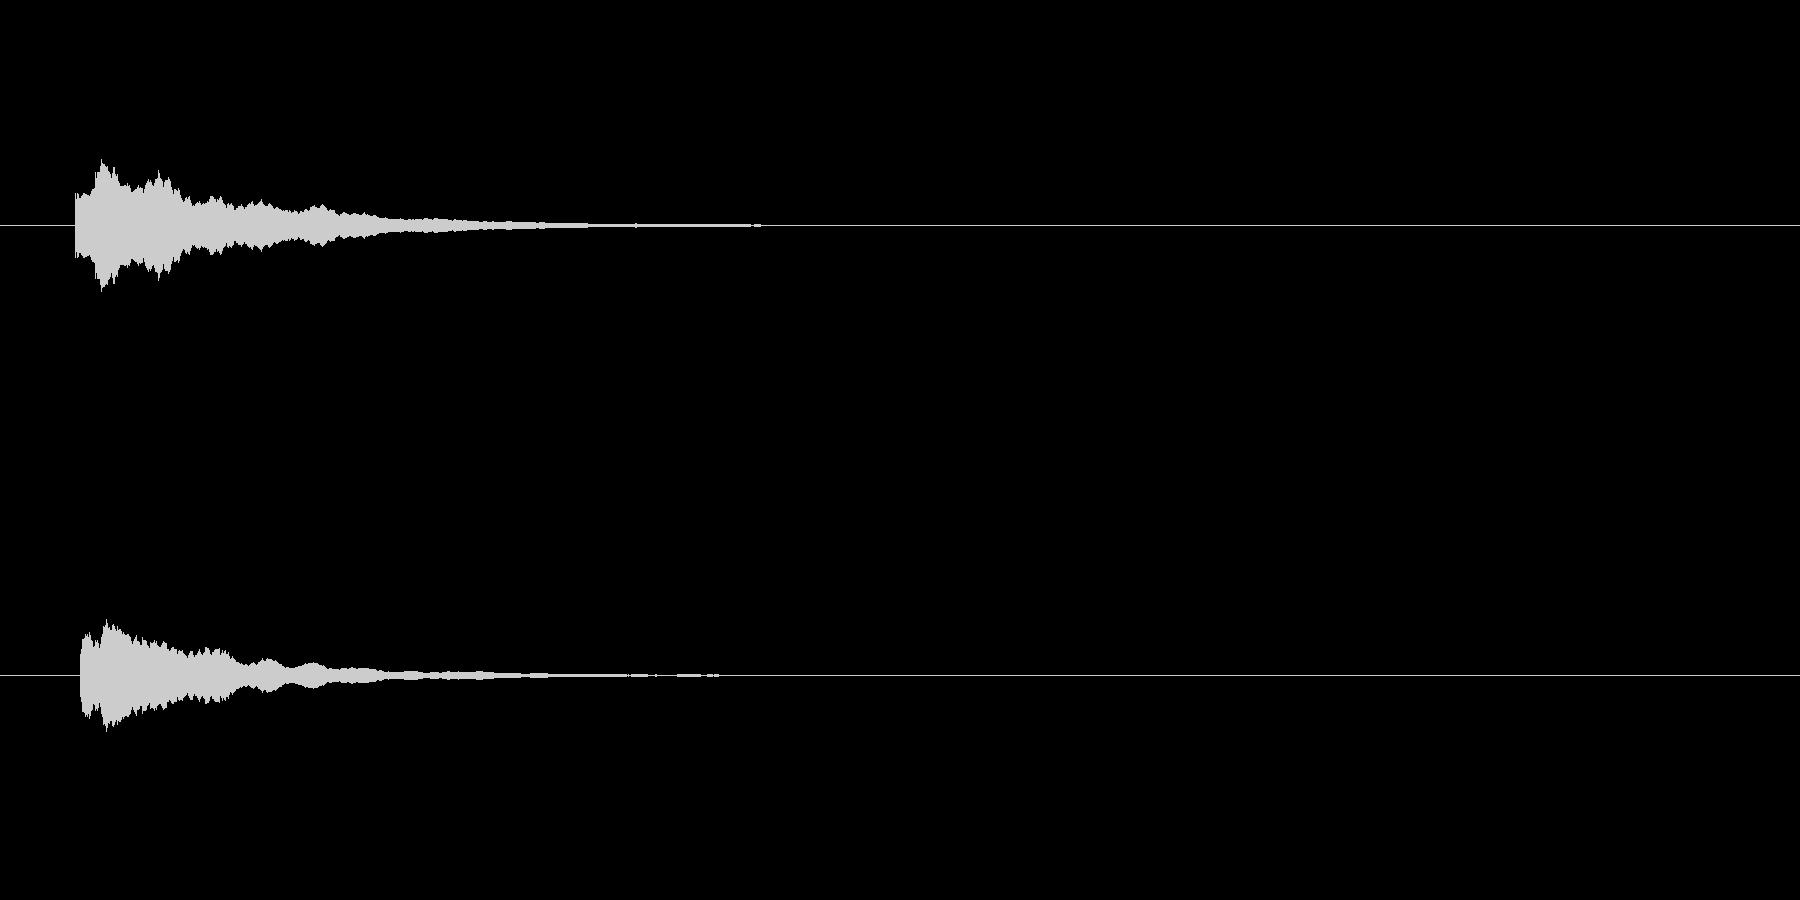 【アクセント25-1】の未再生の波形